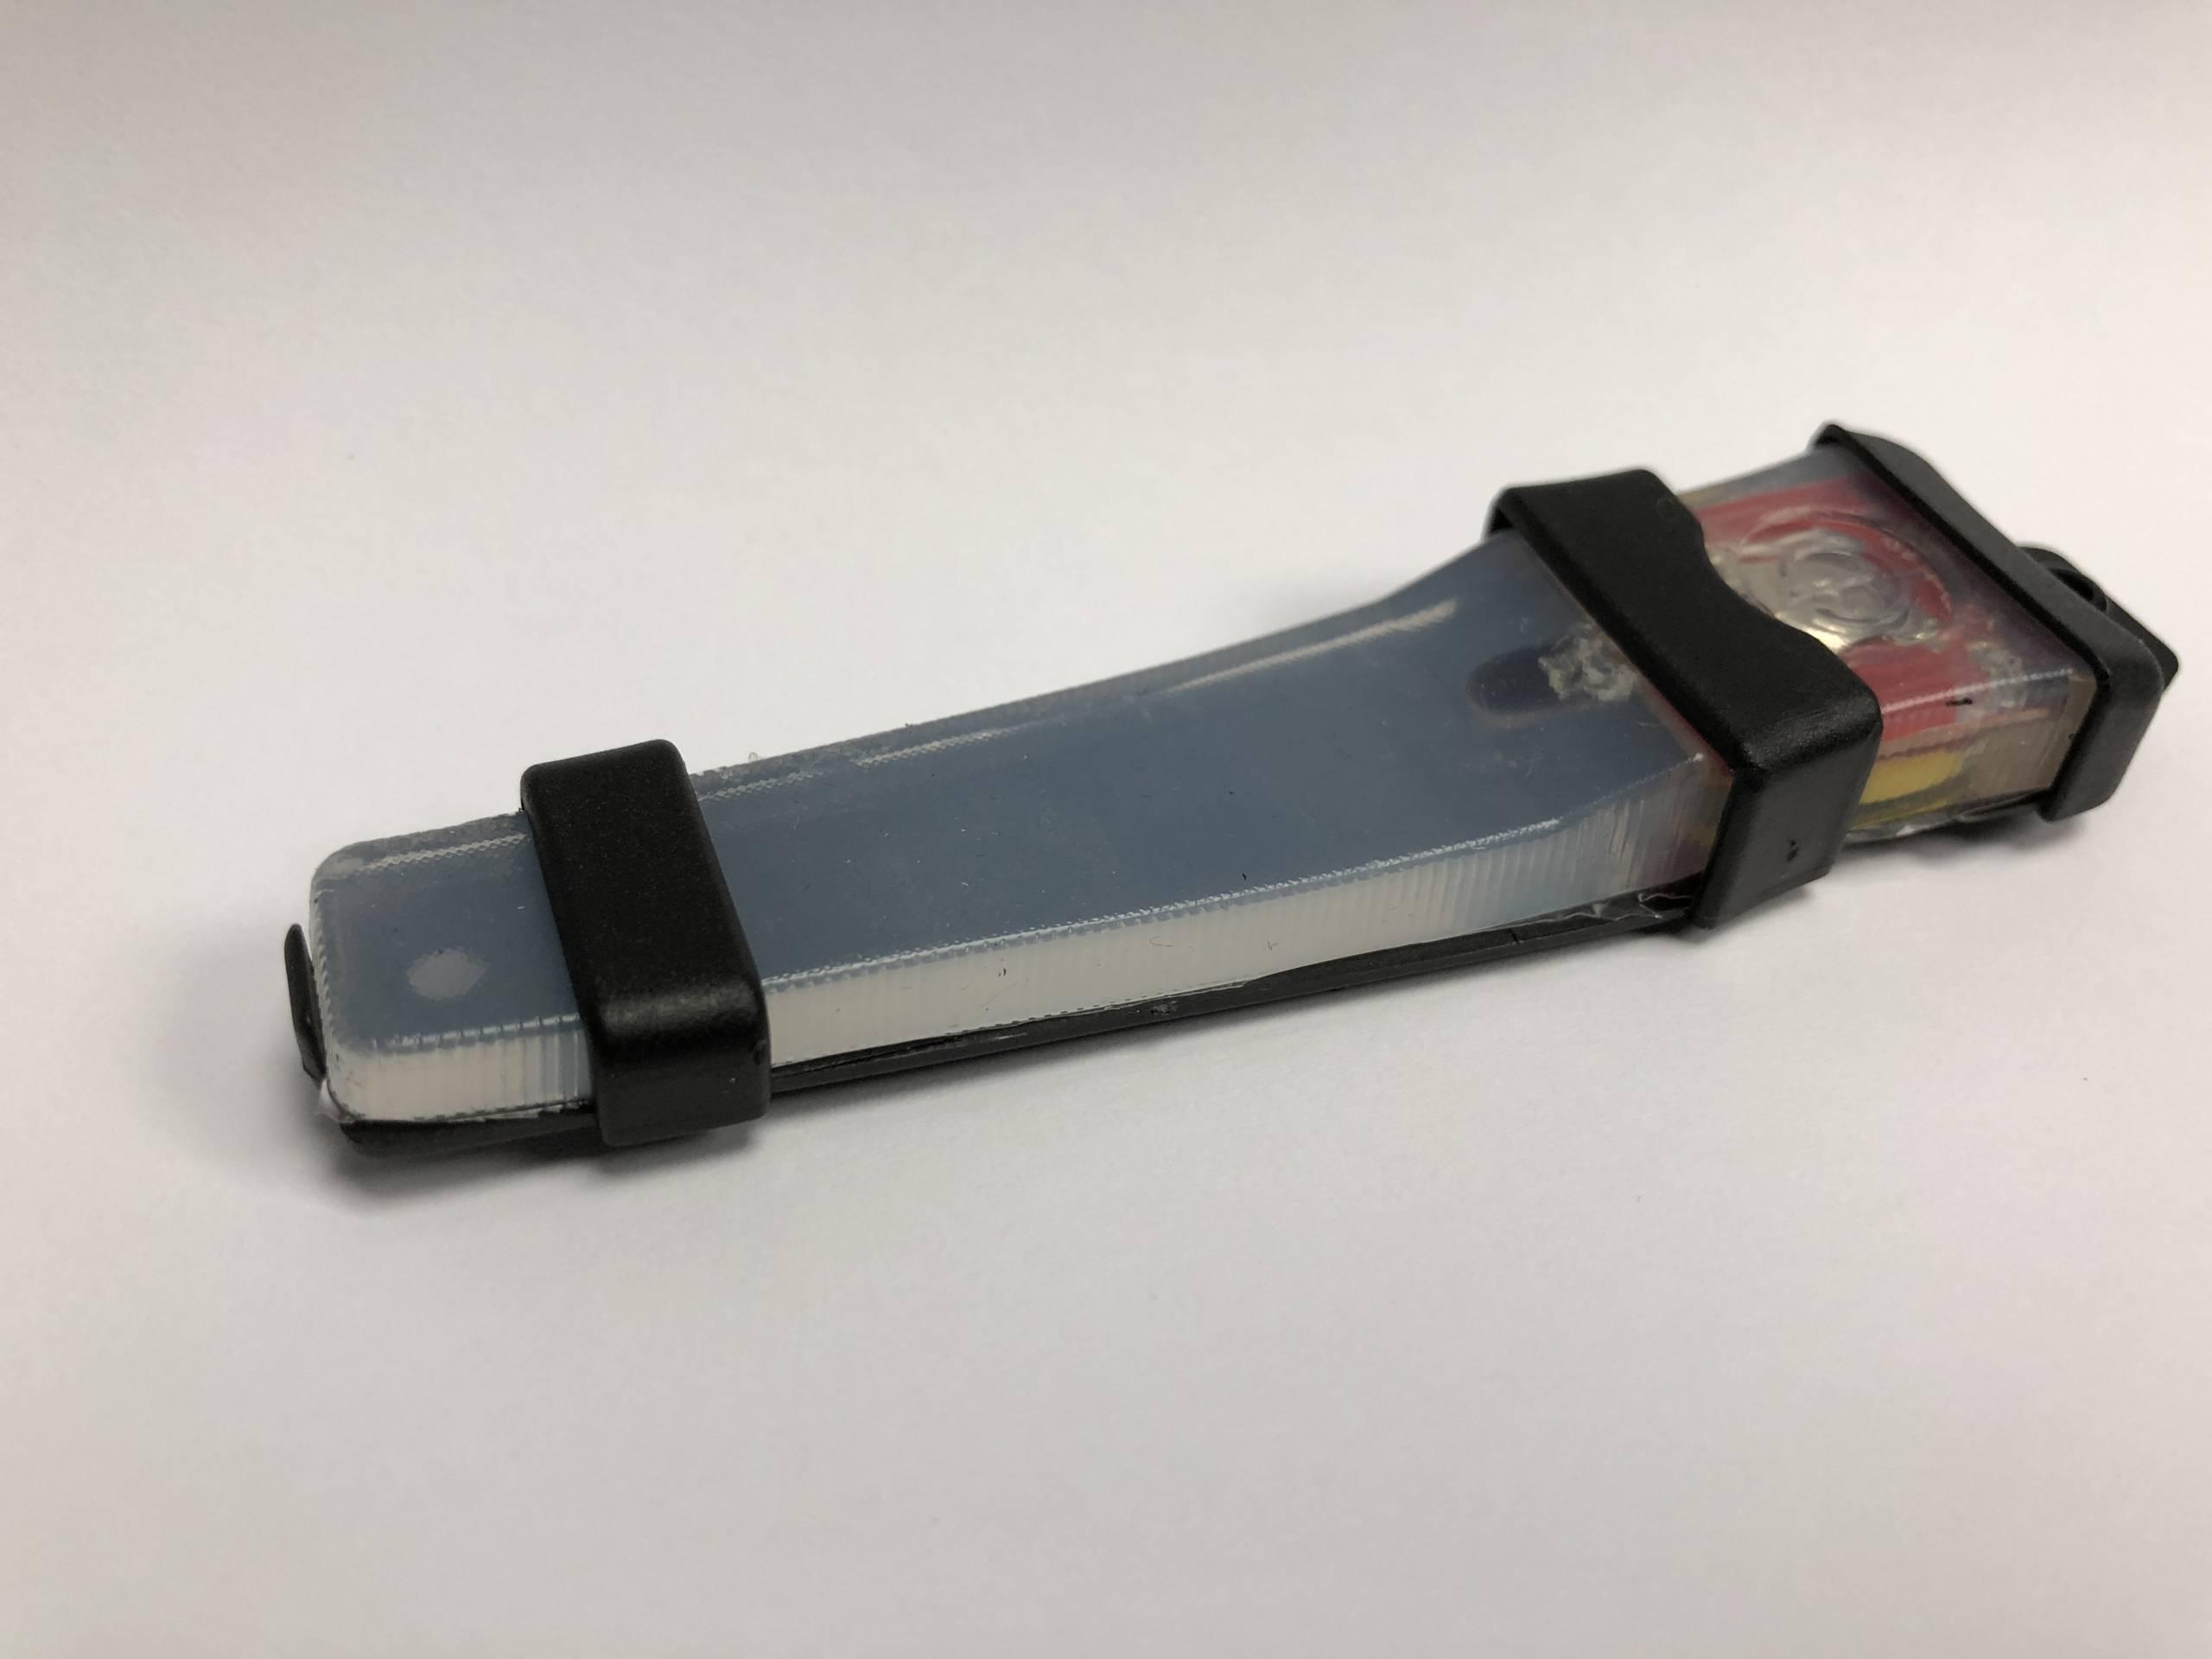 FMA Velcro Safety Light – White Light product image